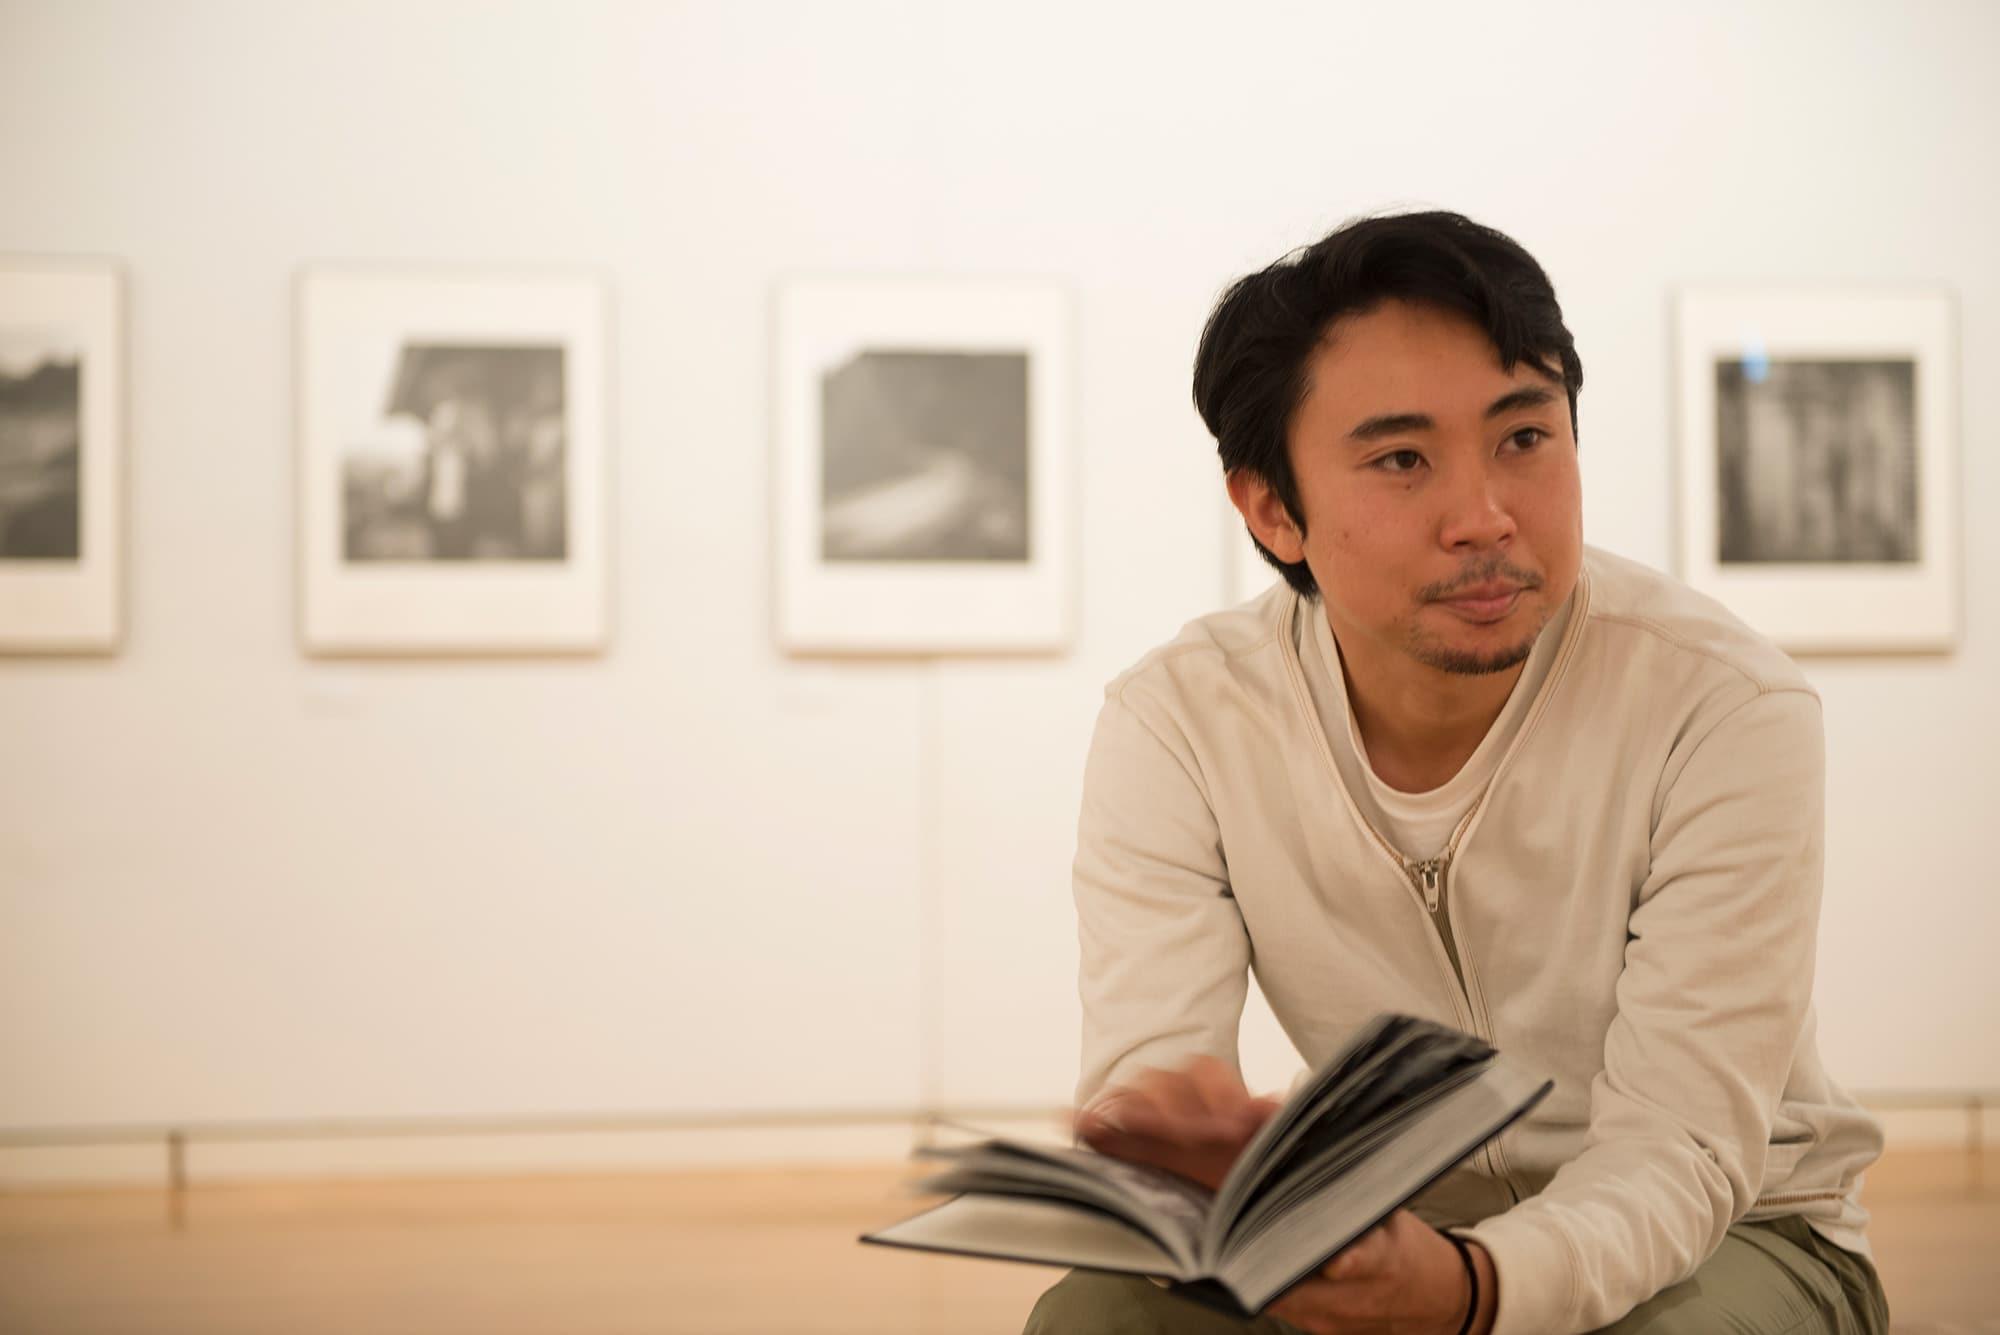 Sohei Nishino